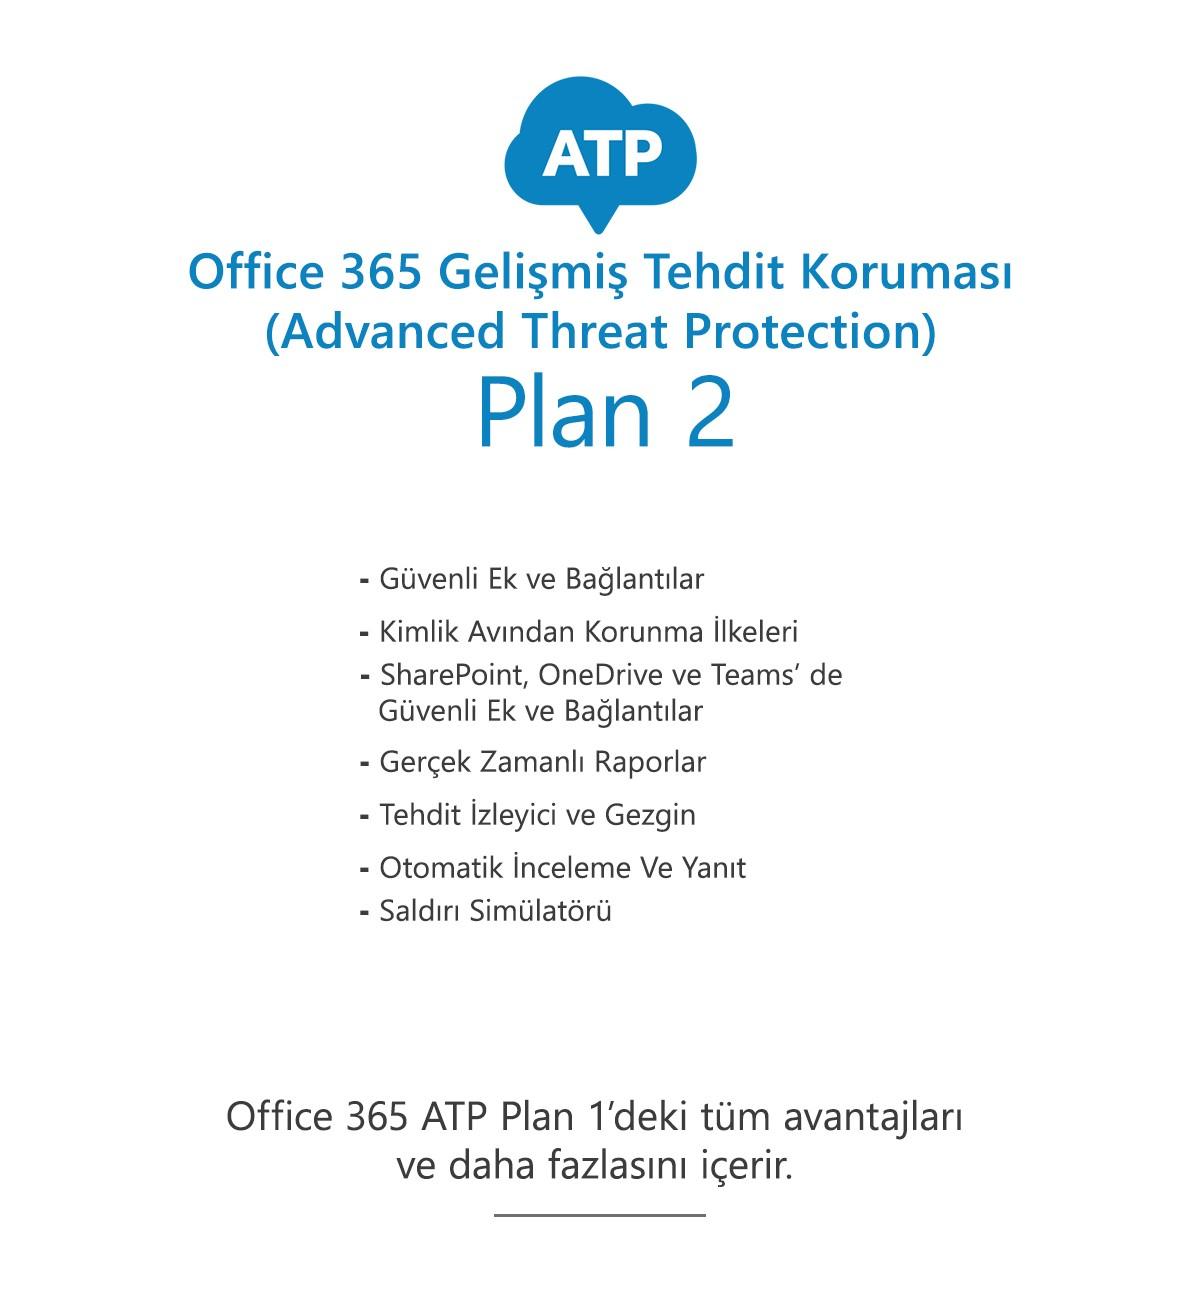 Office 365 Gelişmiş Tehdit Koruması (ATP) Plan 2